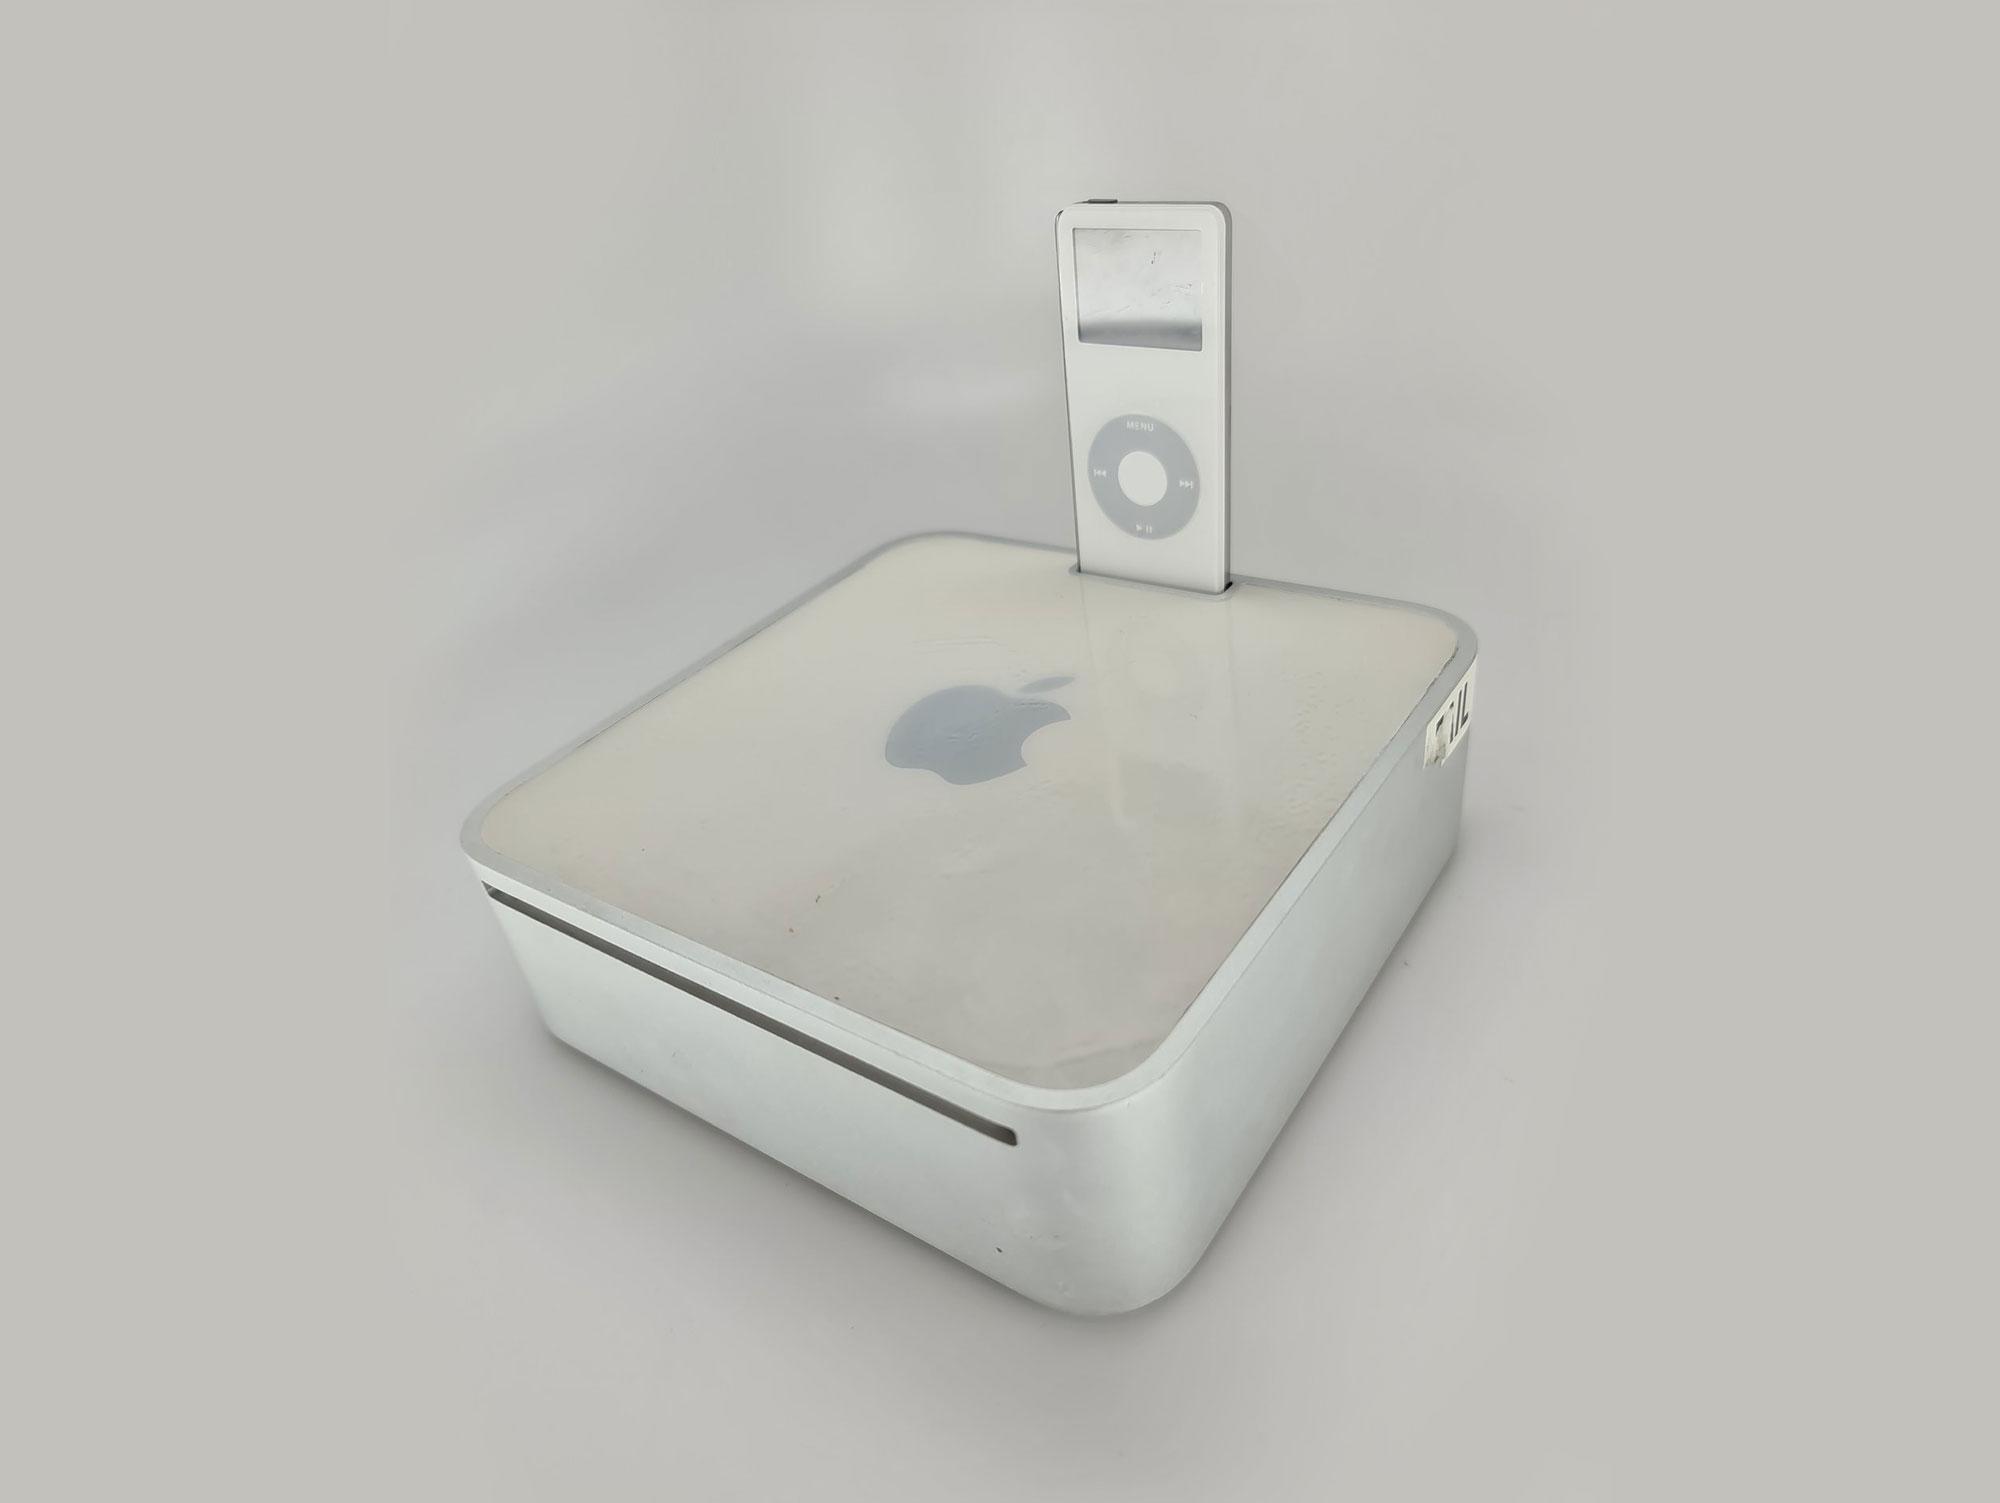 Apple funderade på att släppa Mac mini med iPod-hållare Var nog bra att det inte blev av...